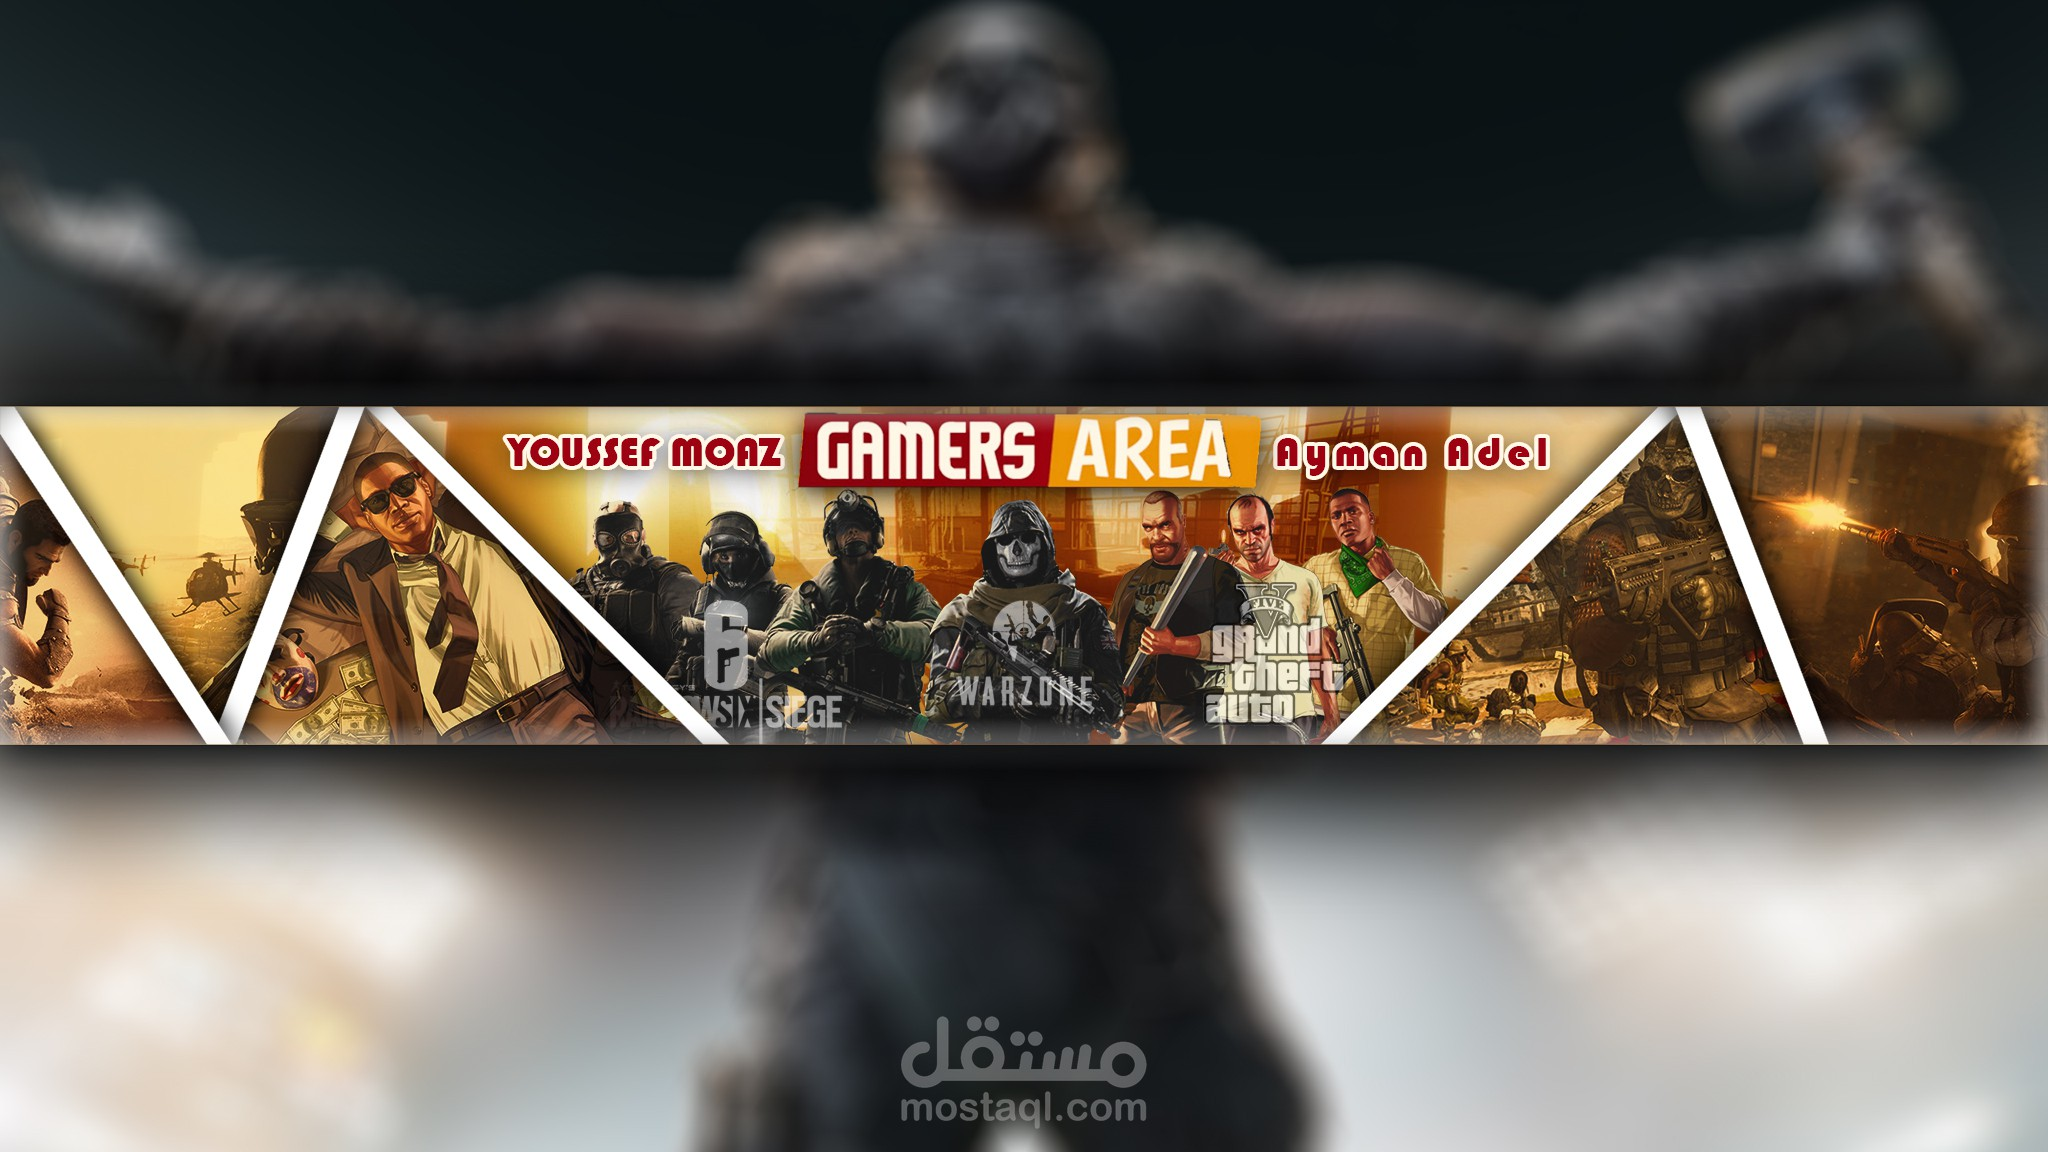 تصميمات لبعض بانرات اليوتيوب لقناة Gamers Area + لوجوز